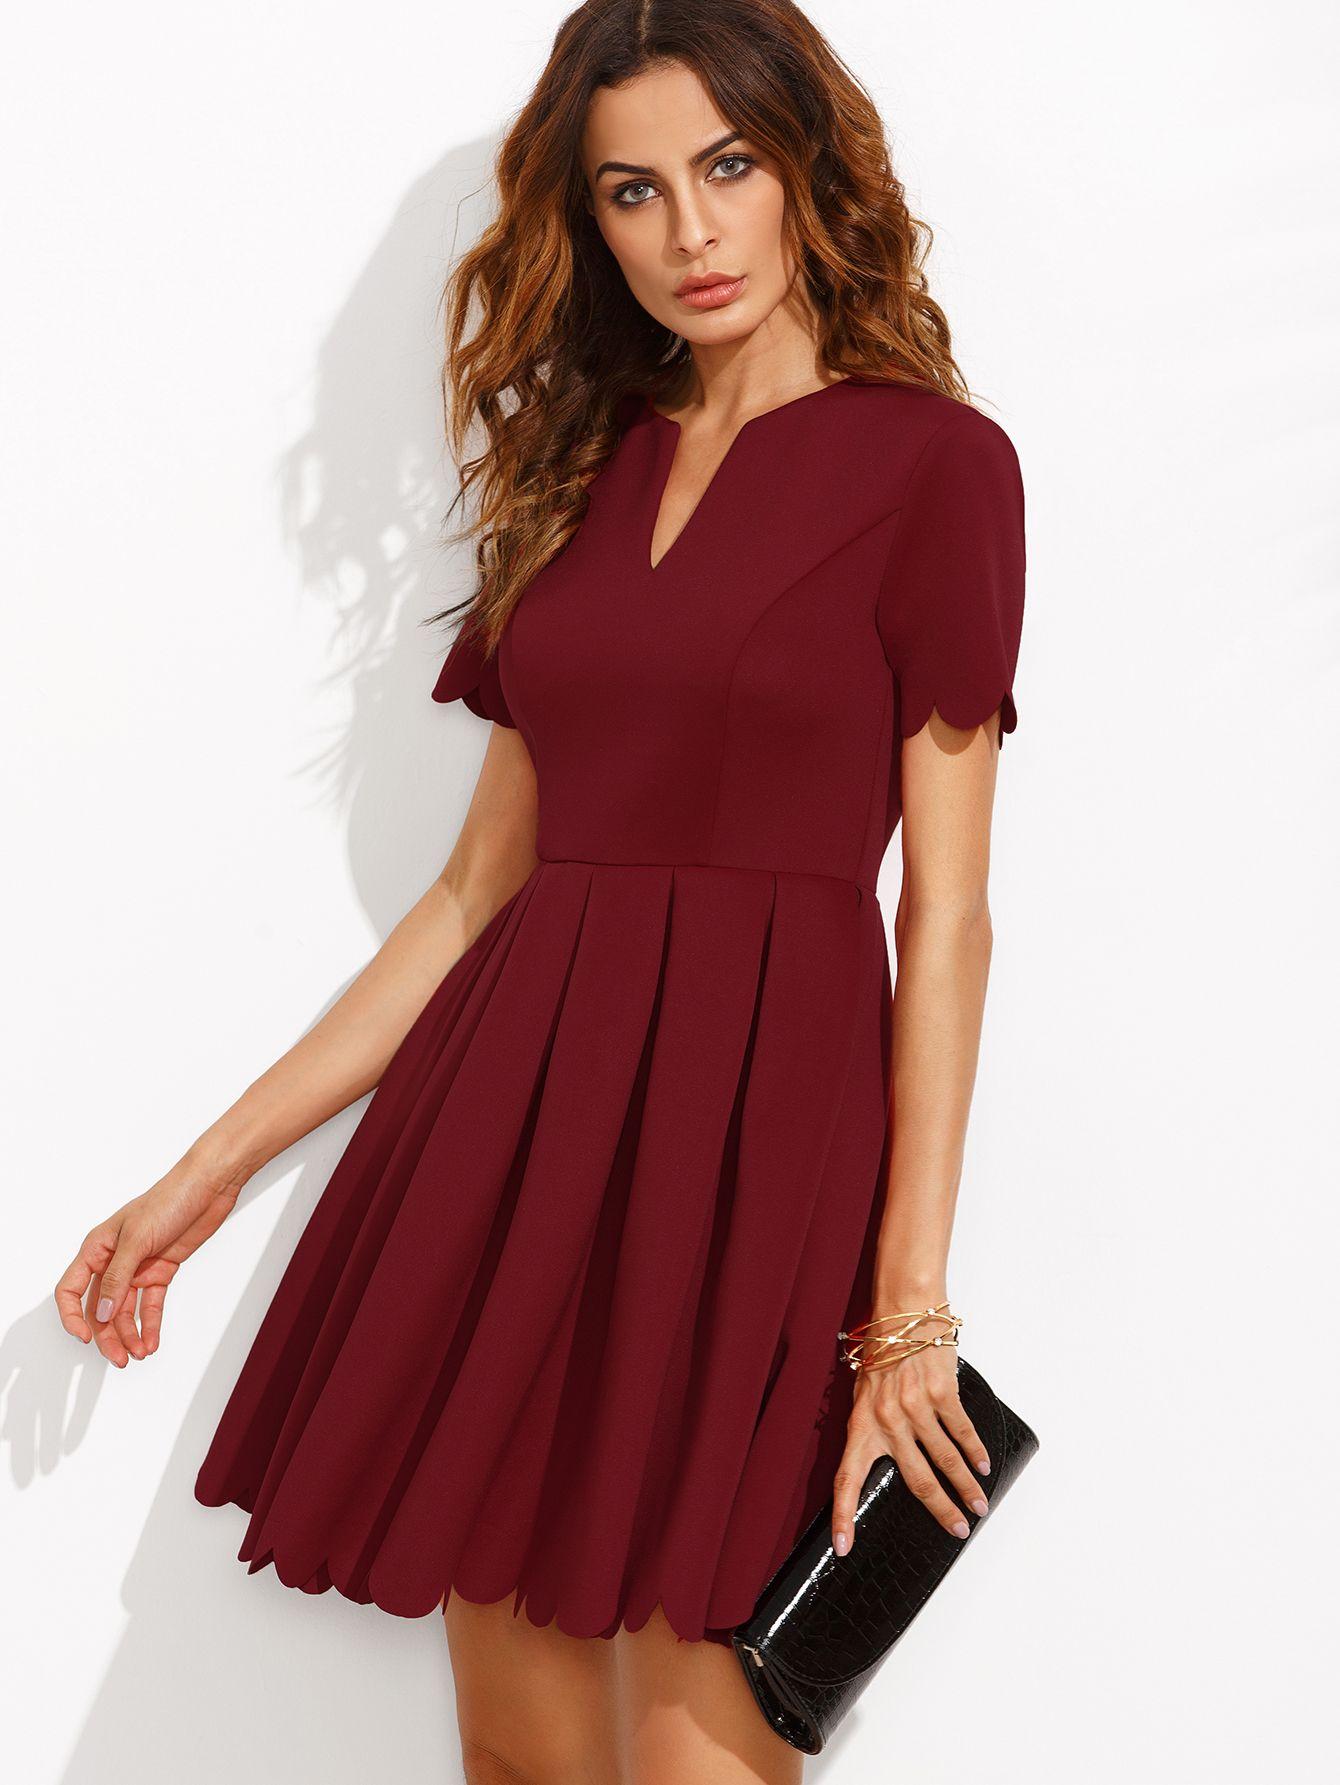 Robe femme rouge bordeaux